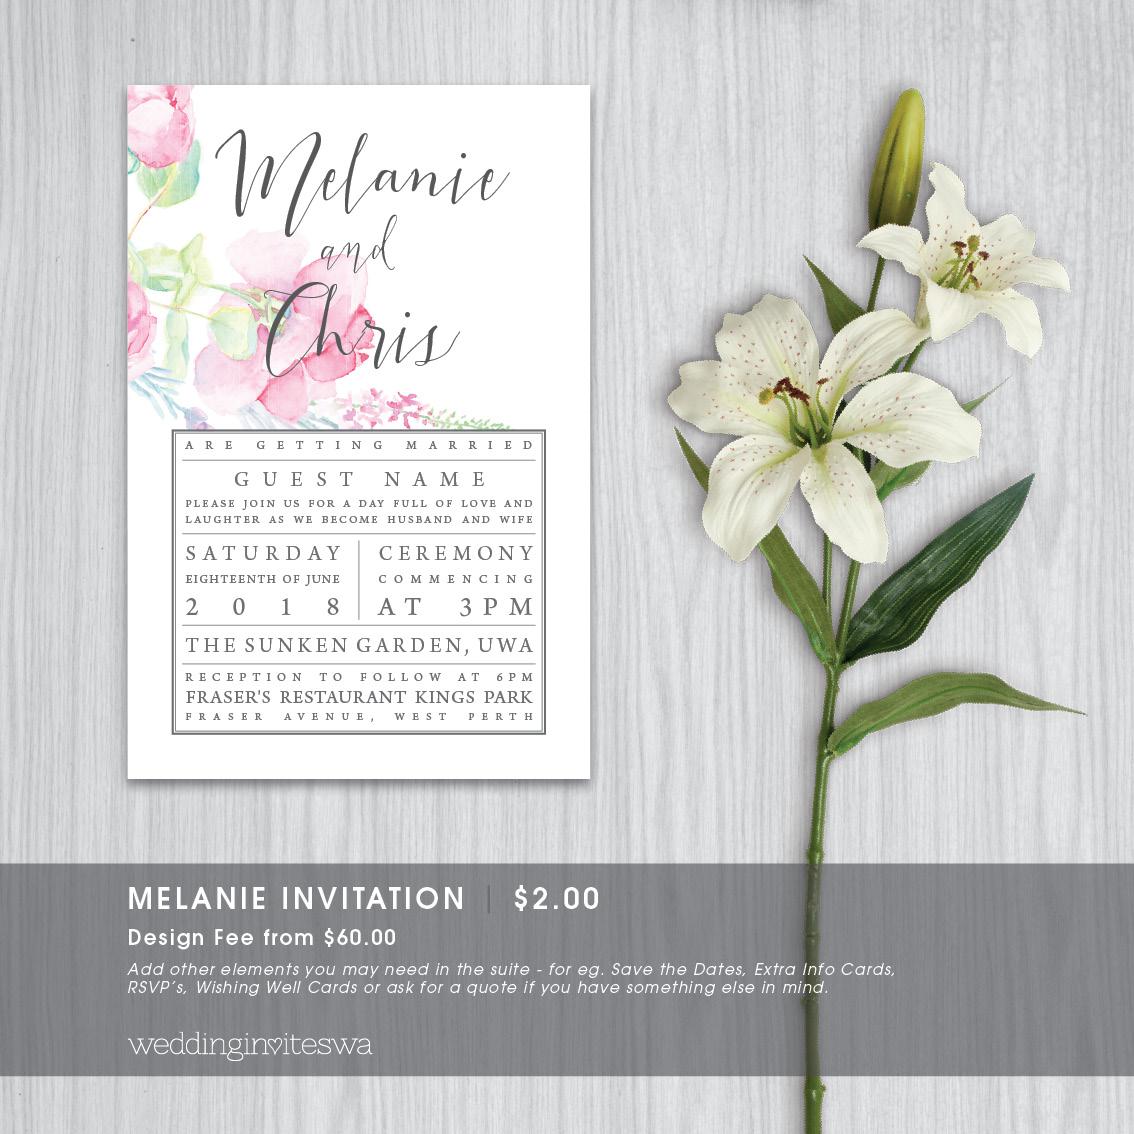 MELANIE_invite